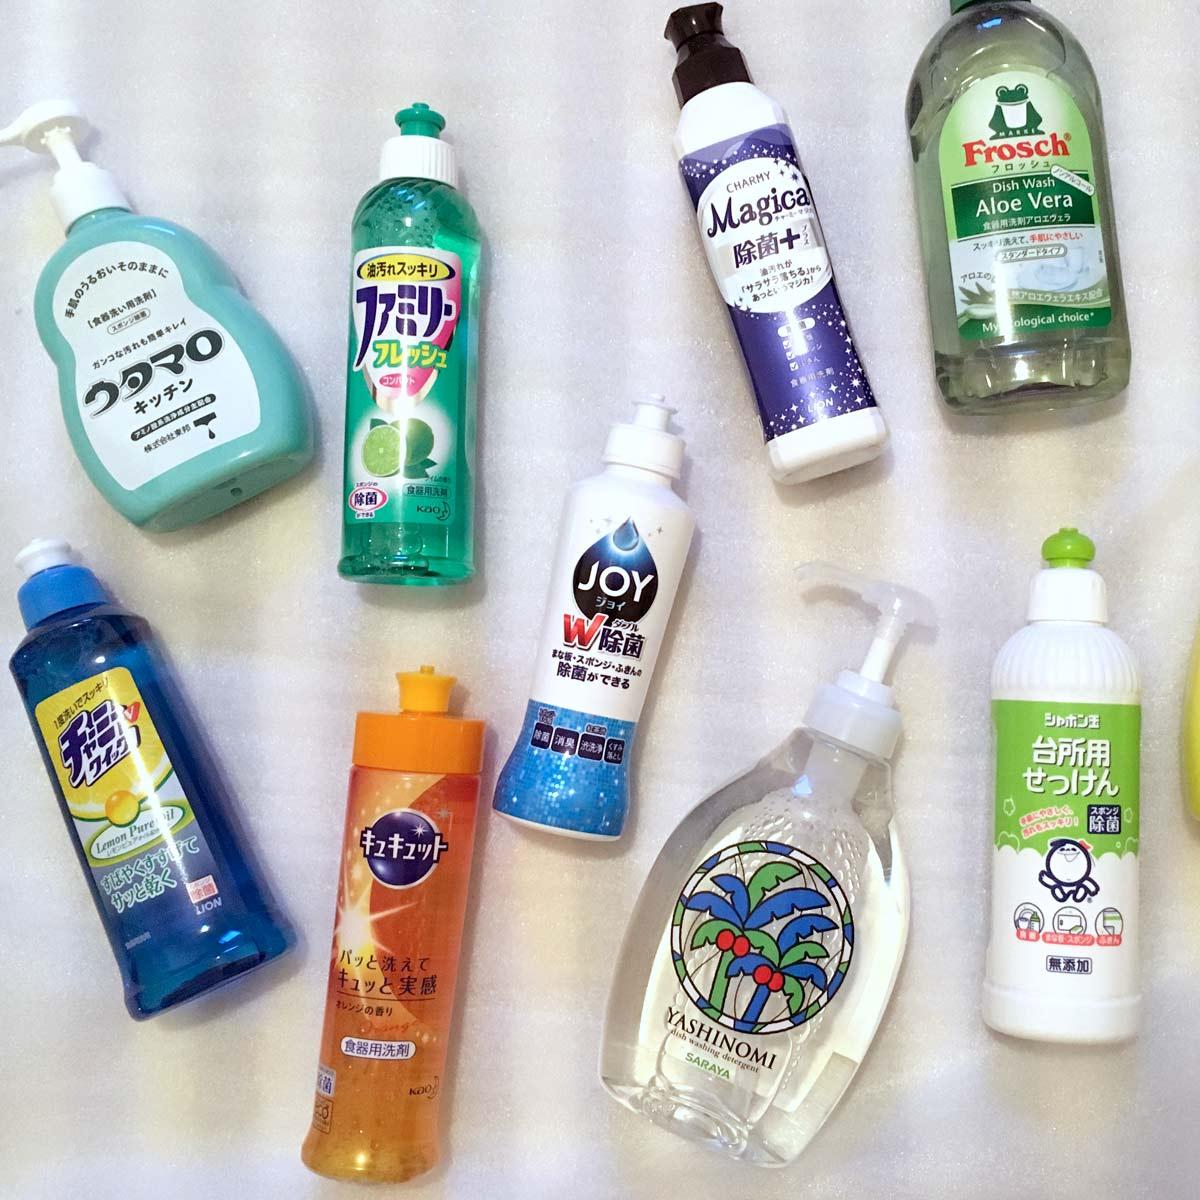 汚れ落ちNo.1はどの洗剤? 食器用洗剤10種類をガチンコ比較!